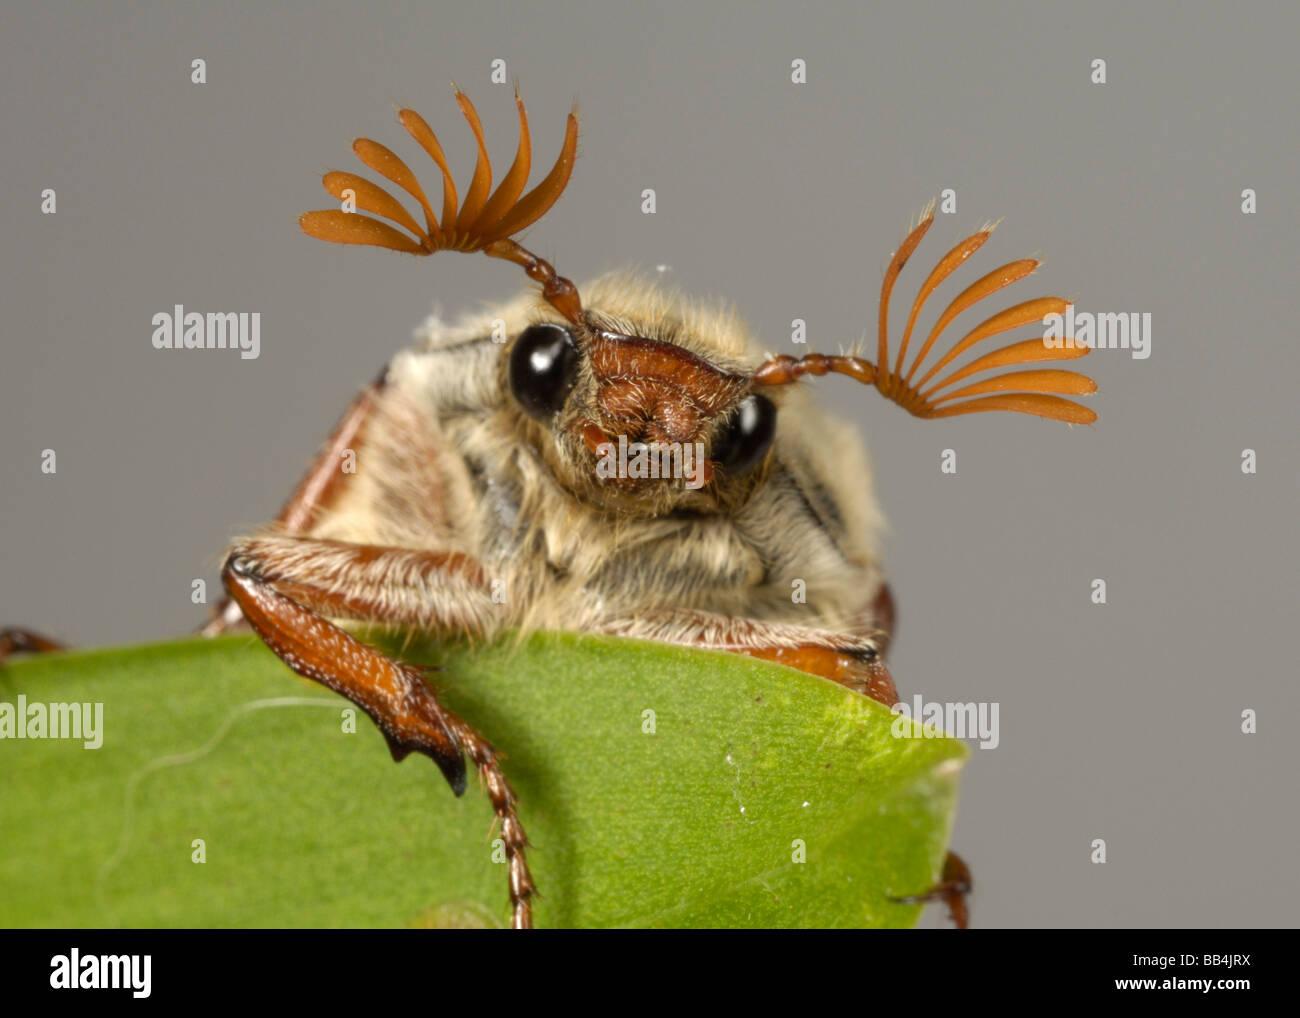 Cabeza y antenas de un adulto cockchafer Melolontha melolontha o bug en una hoja Foto de stock